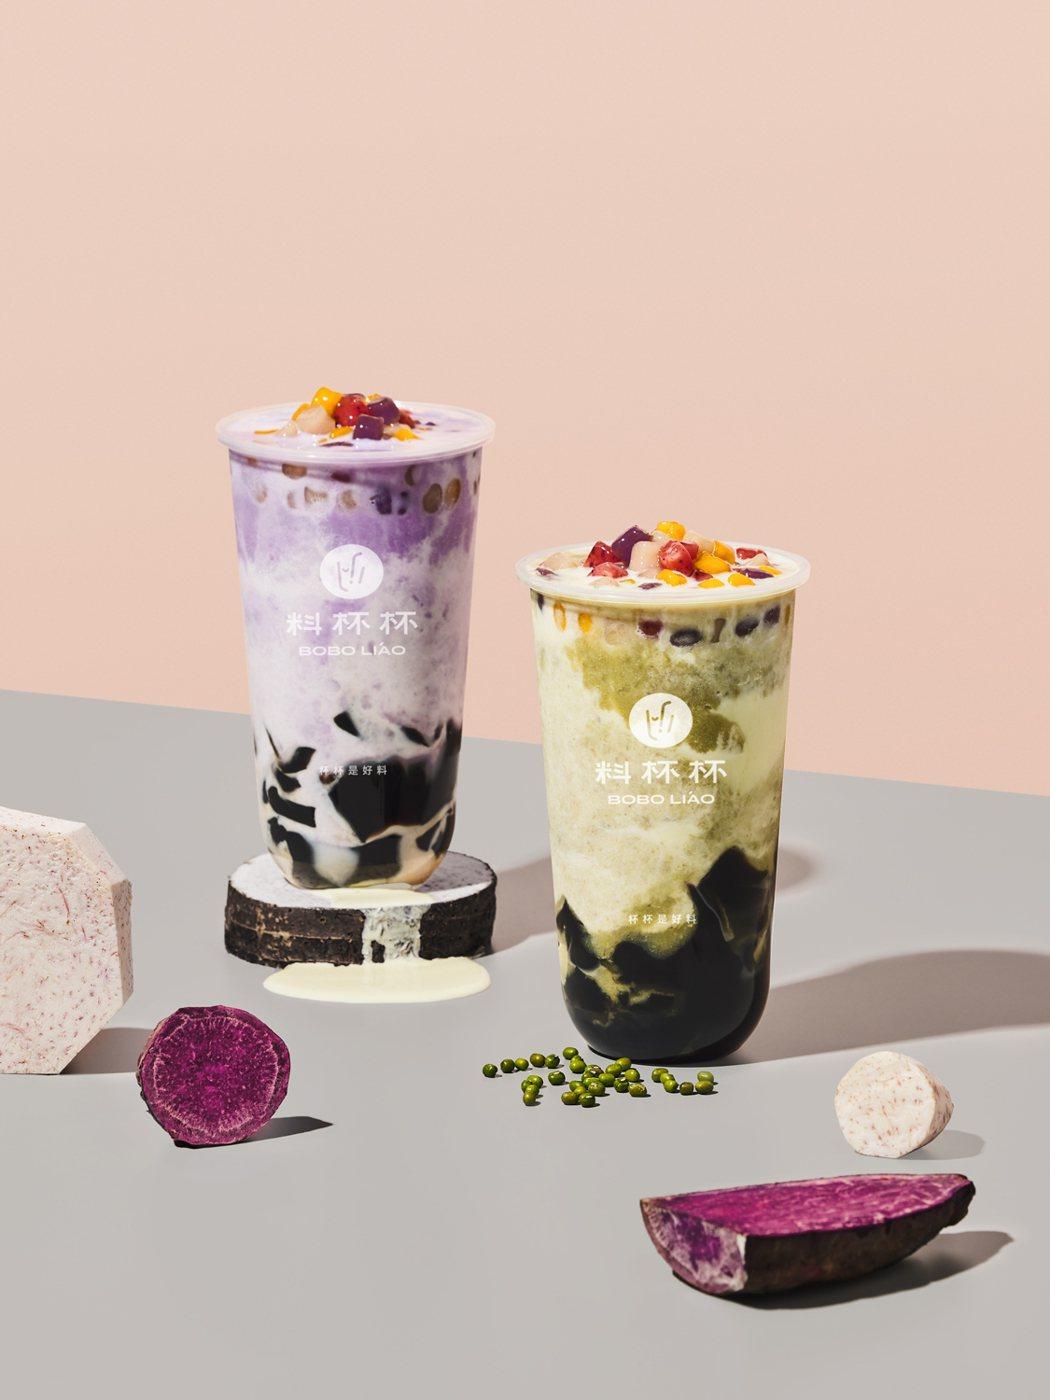 新開幕的「料杯杯」,提供有紫芋泥啵啵牛乳沙、彩小芋綠豆牛乳沙、彩小芋爆料厚奶等不...